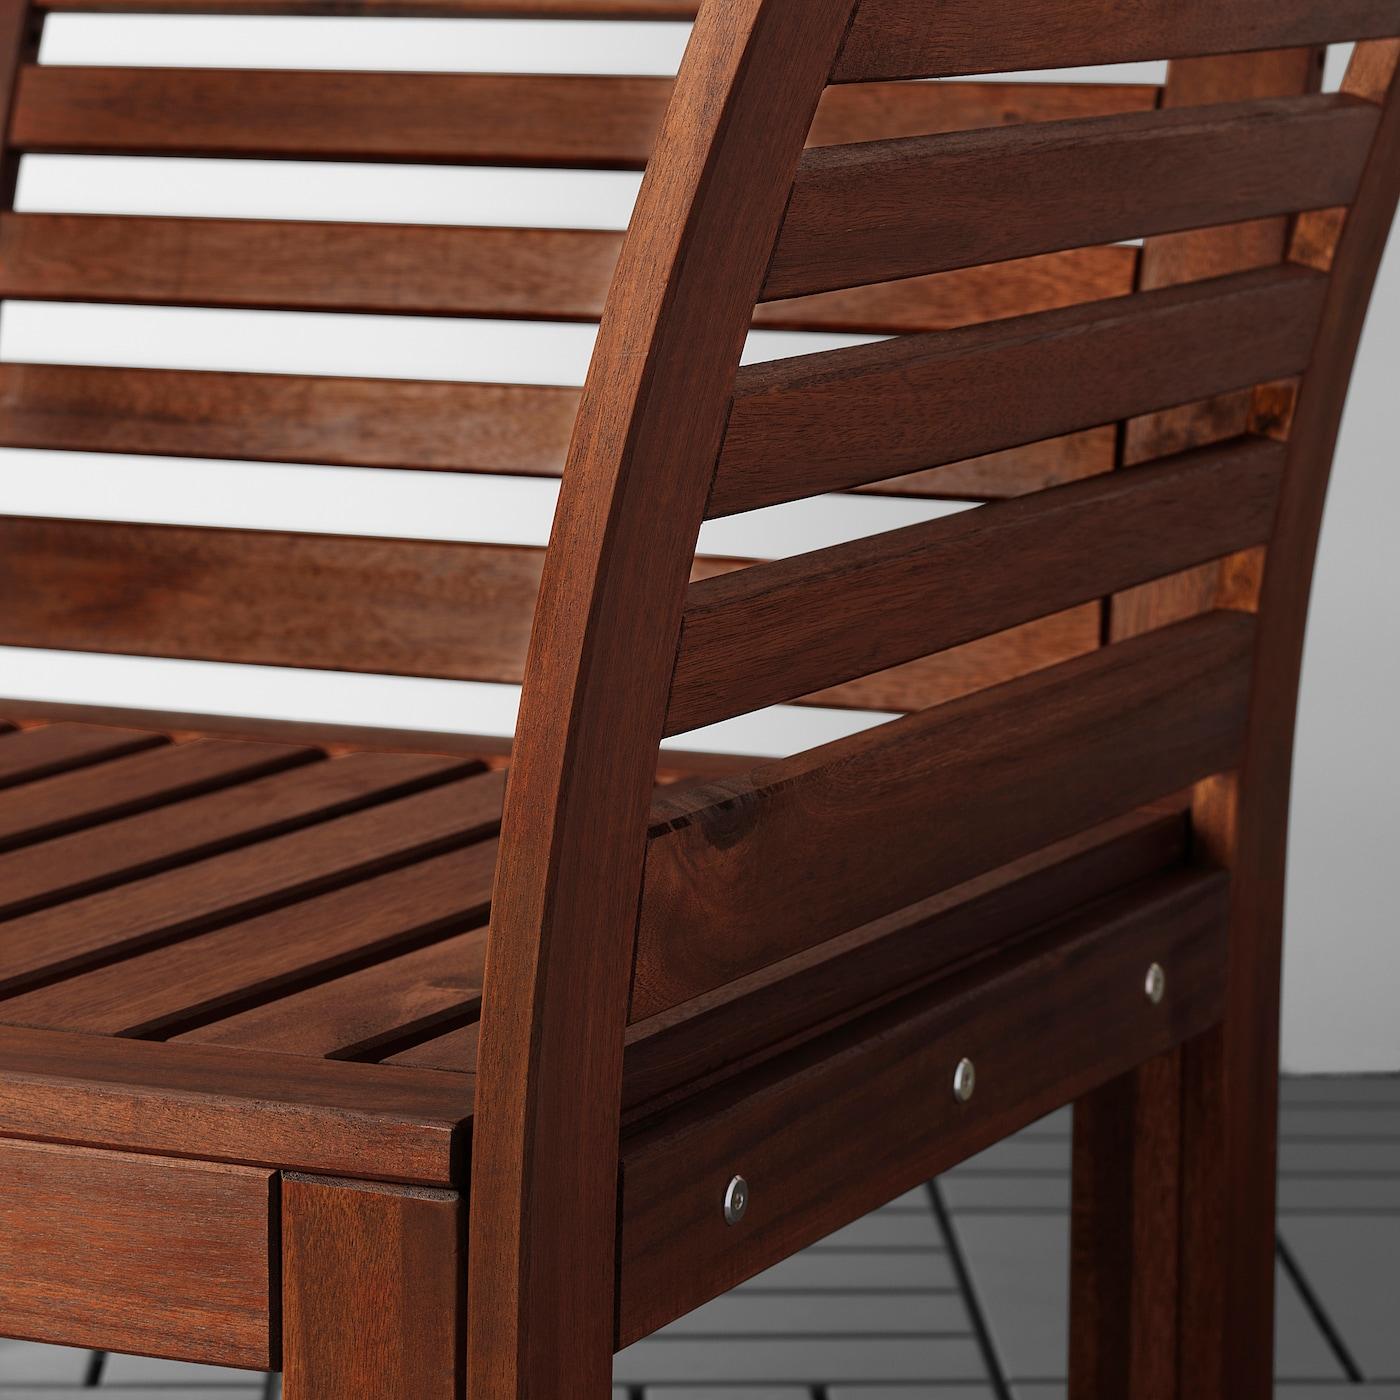 ÄPPLARÖ 2er-Sitzelement/außen, braun las./Frösön/Duvholmen beige, 160x80x84 cm